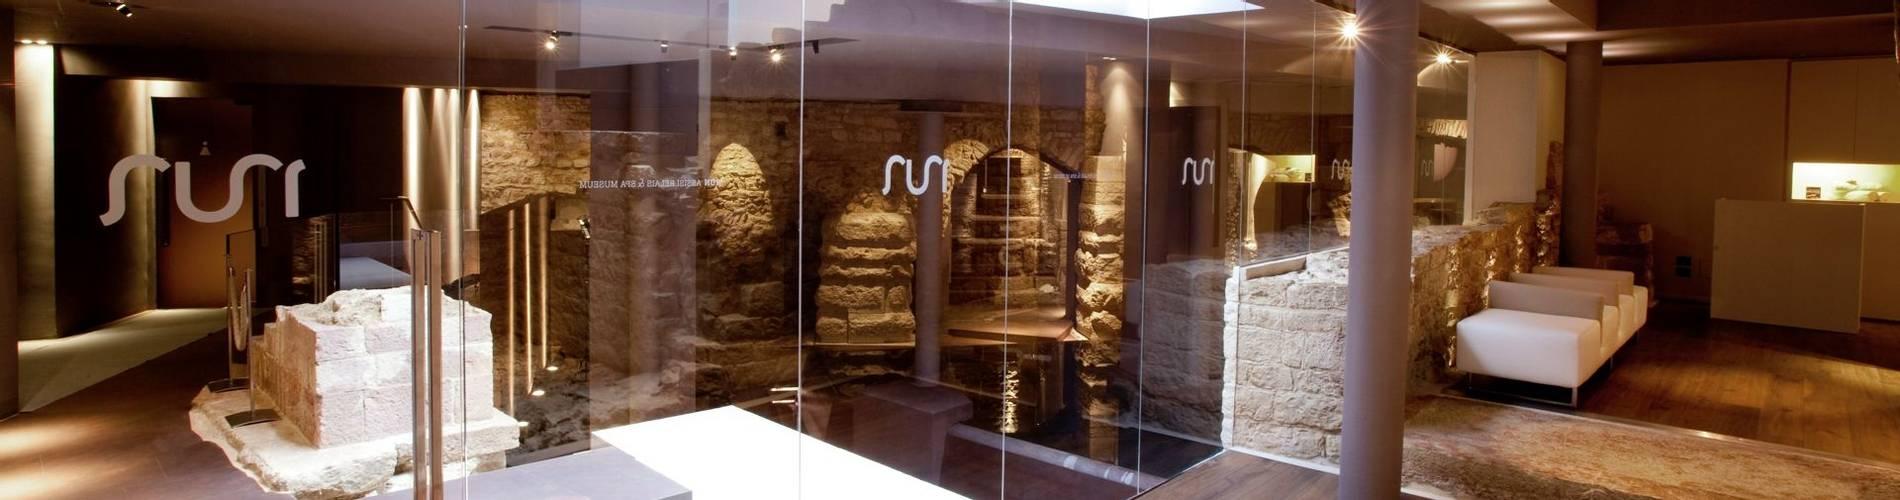 Nun Assisi Relais & Spa, Umbria, Italy (19).jpg